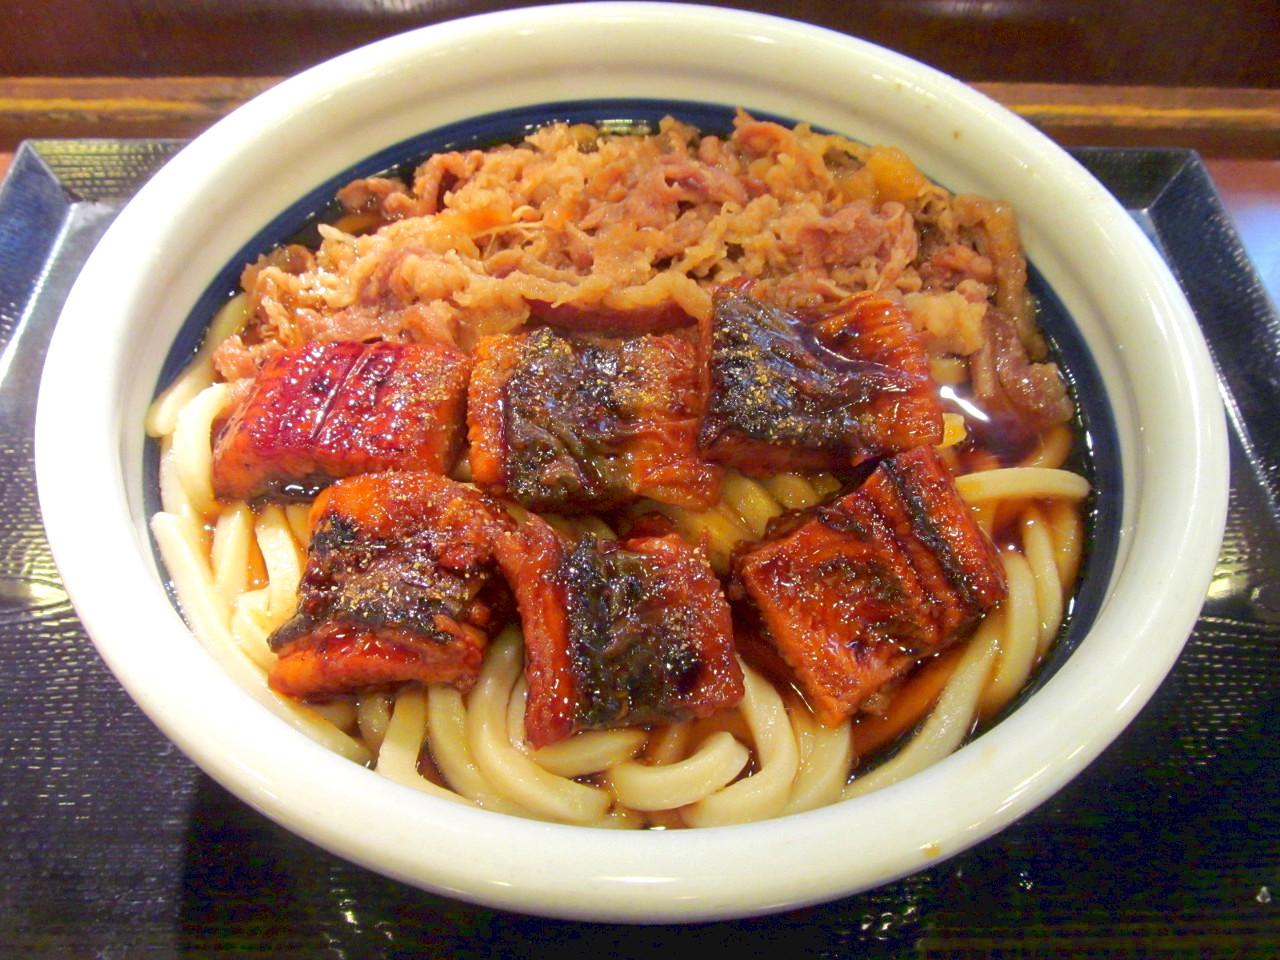 丸亀製麺_牛とうなぎのぶっかけうどん2020得賞味アイキャッチ1280調整後